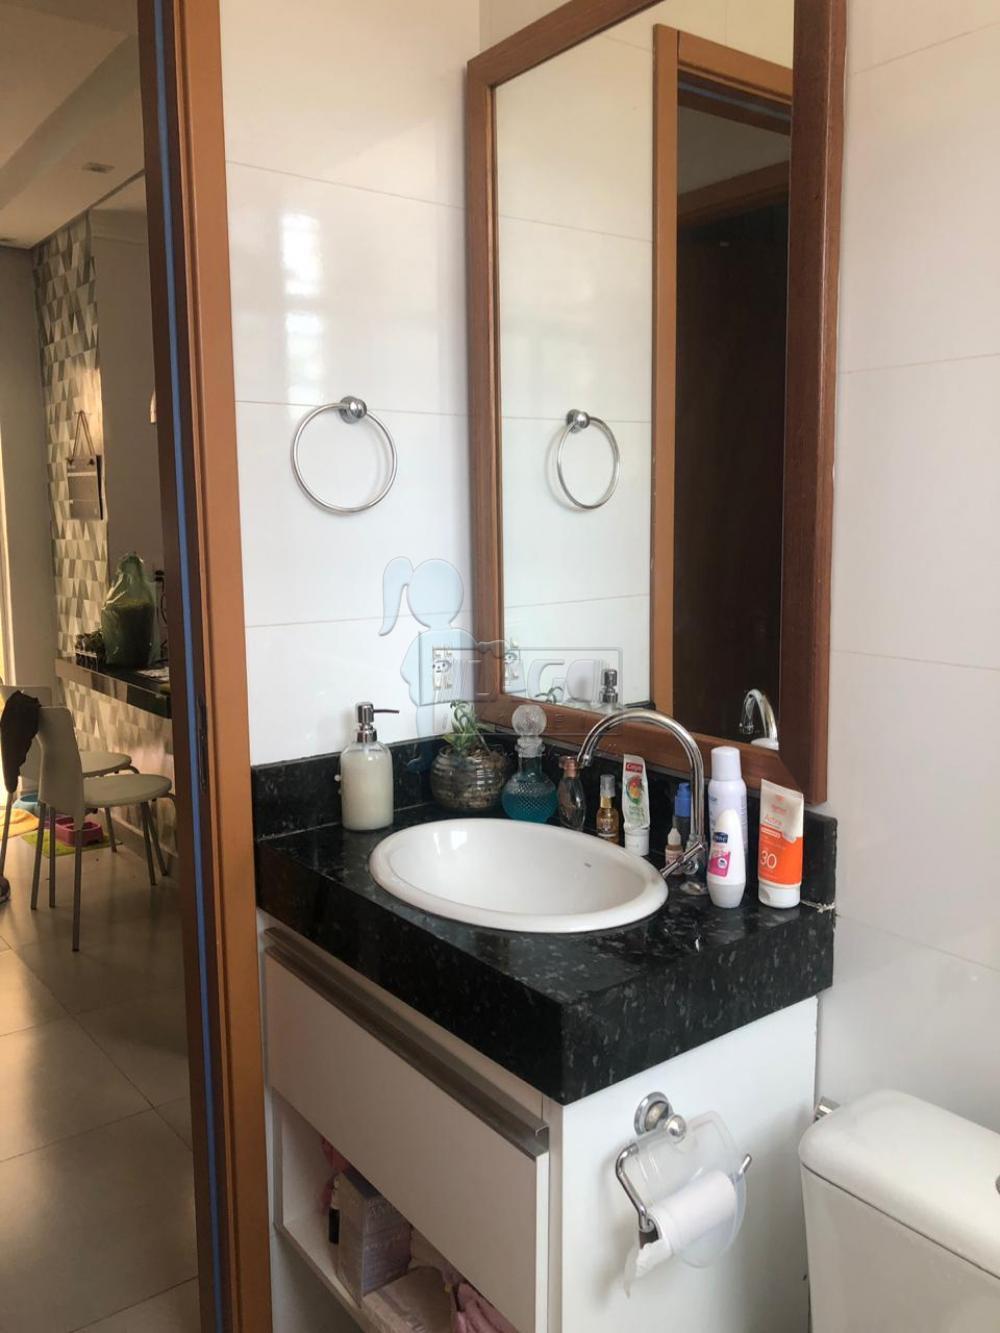 Comprar Apartamento / Padrão em Ribeirão Preto apenas R$ 175.000,00 - Foto 4